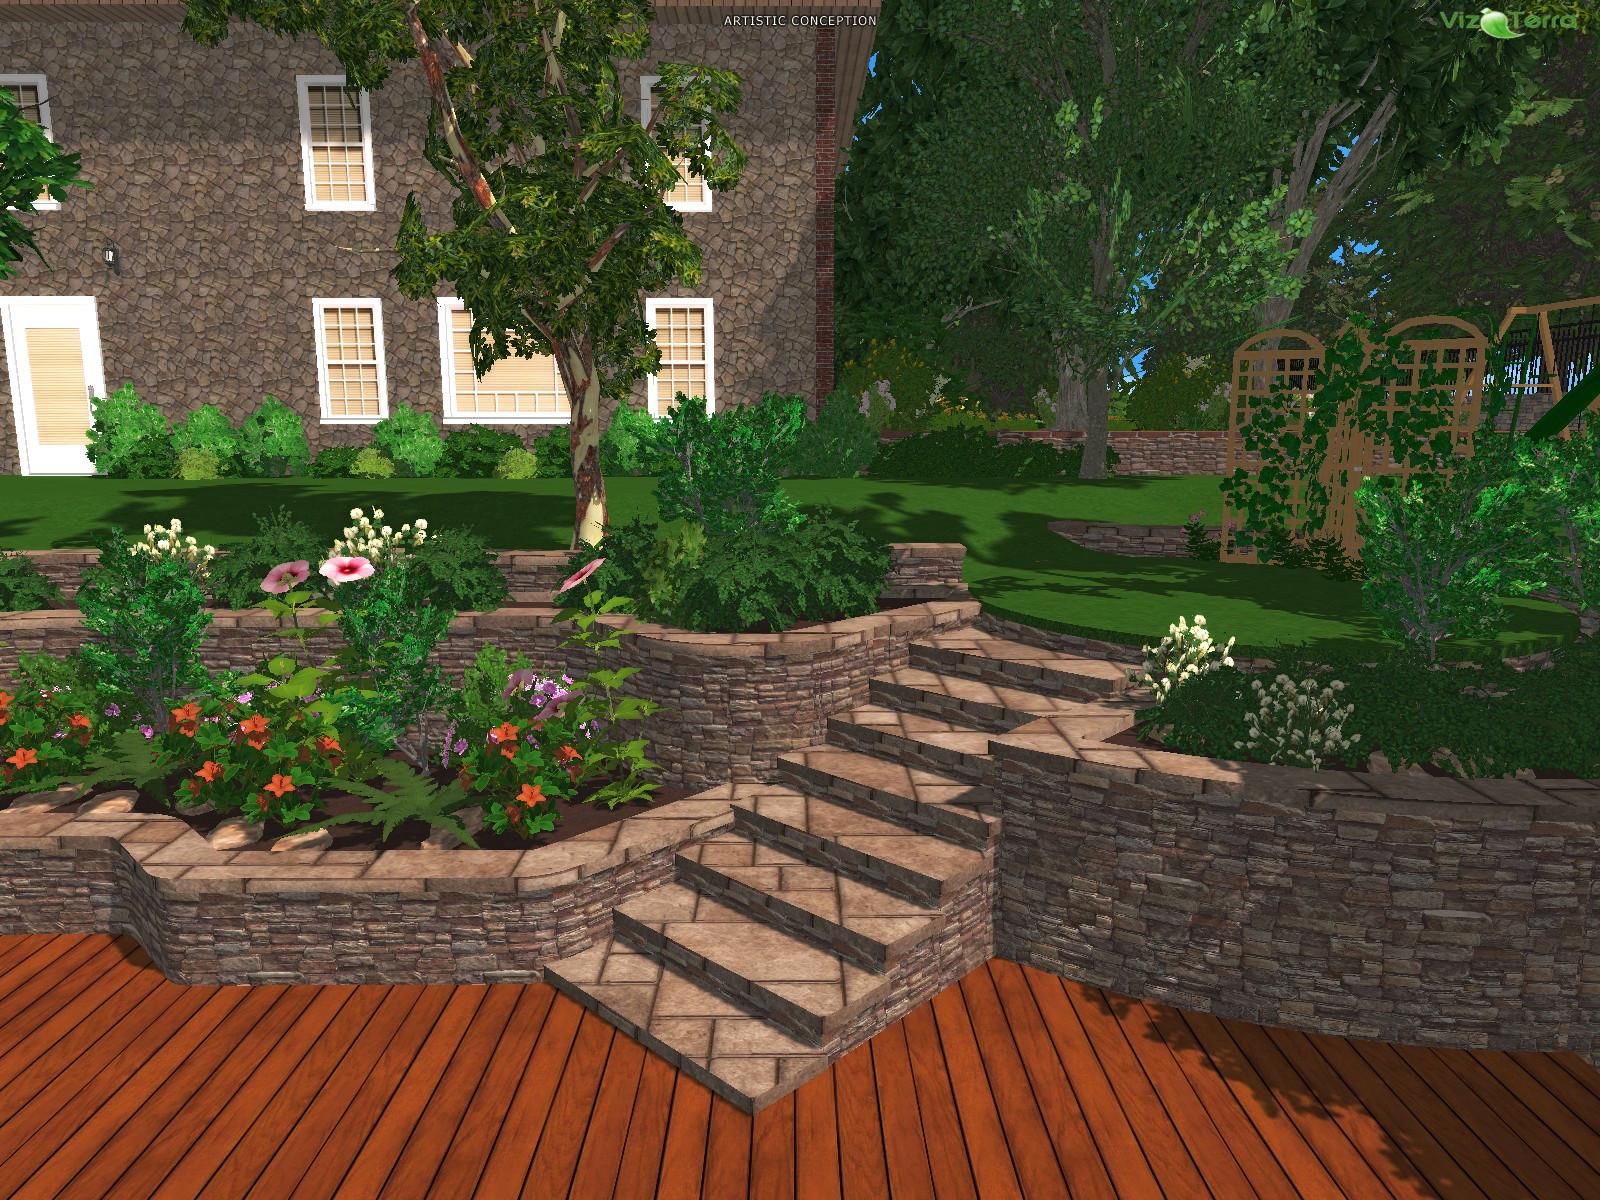 Landscape By Design  VizTerra Gives Landscaping Industry Professional 3D